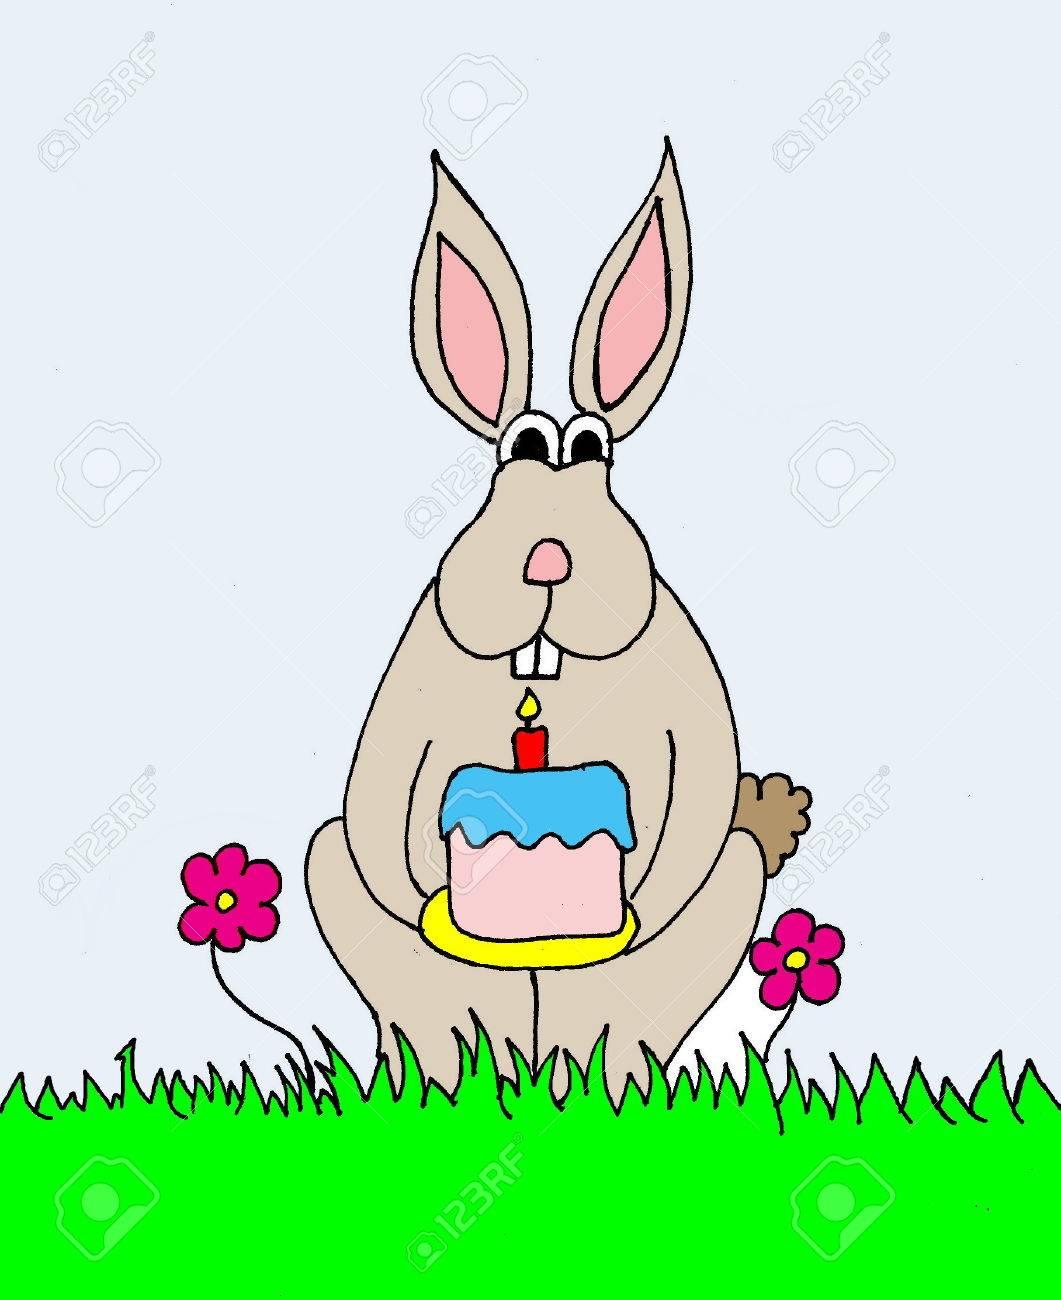 Une Illustration D Un Lapin De Dessin Animé Tenant Un Gâteau D Anniversaire